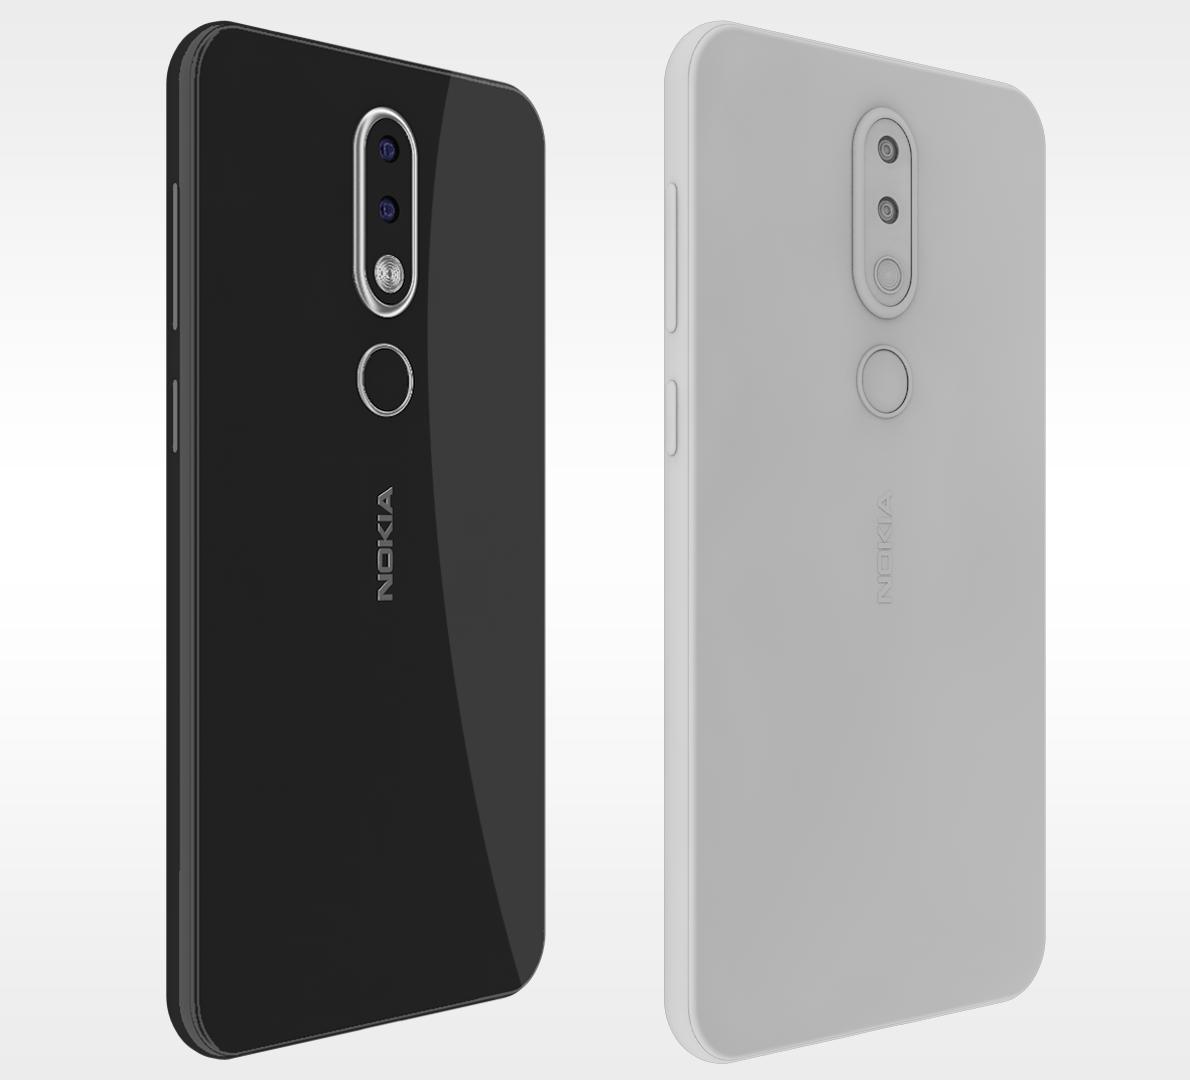 Nokia X6 Nokia 61 Plus Nokia, Nokia 6, Real model